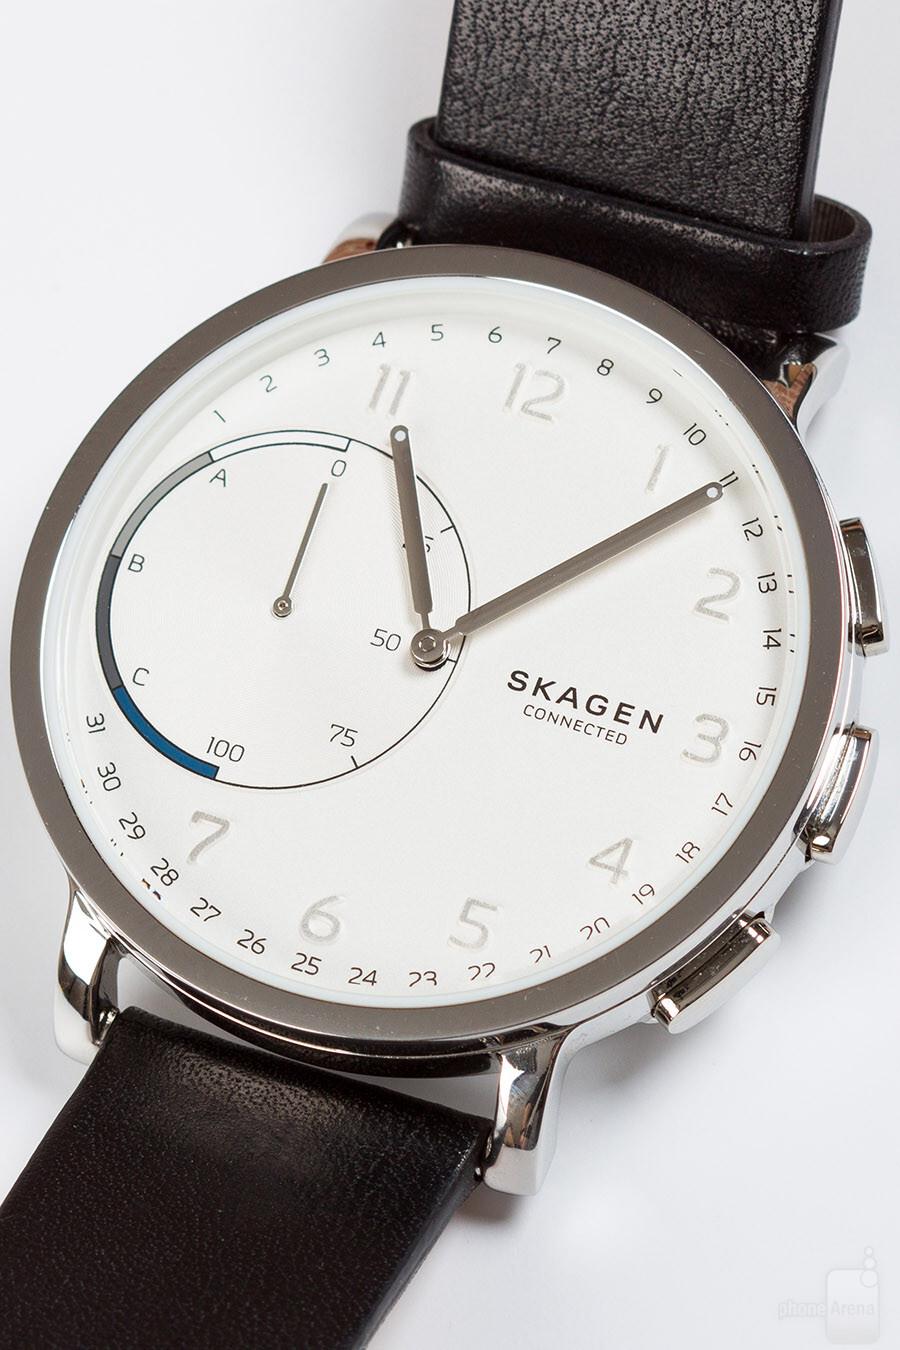 Skagen Hagen Connected Review